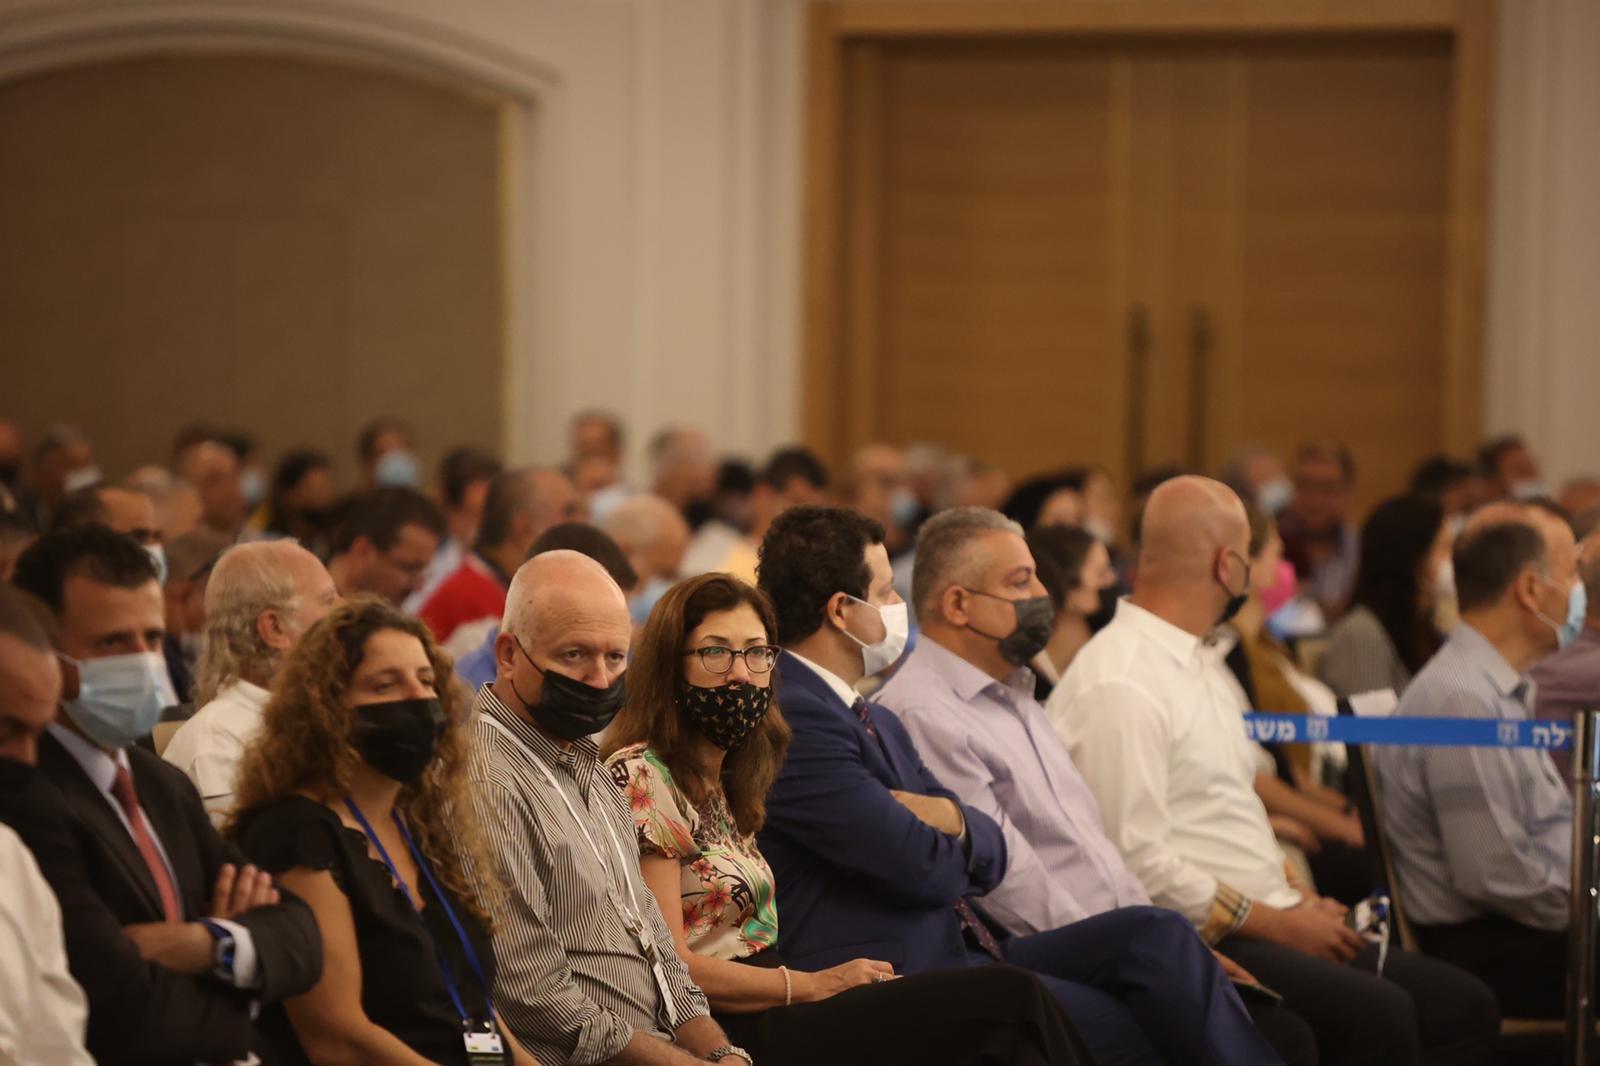 مشاركة كبيرة ومحاضرات هامة في المؤتمر الاقتصادي للمجتمع العربي بالناصرة-2